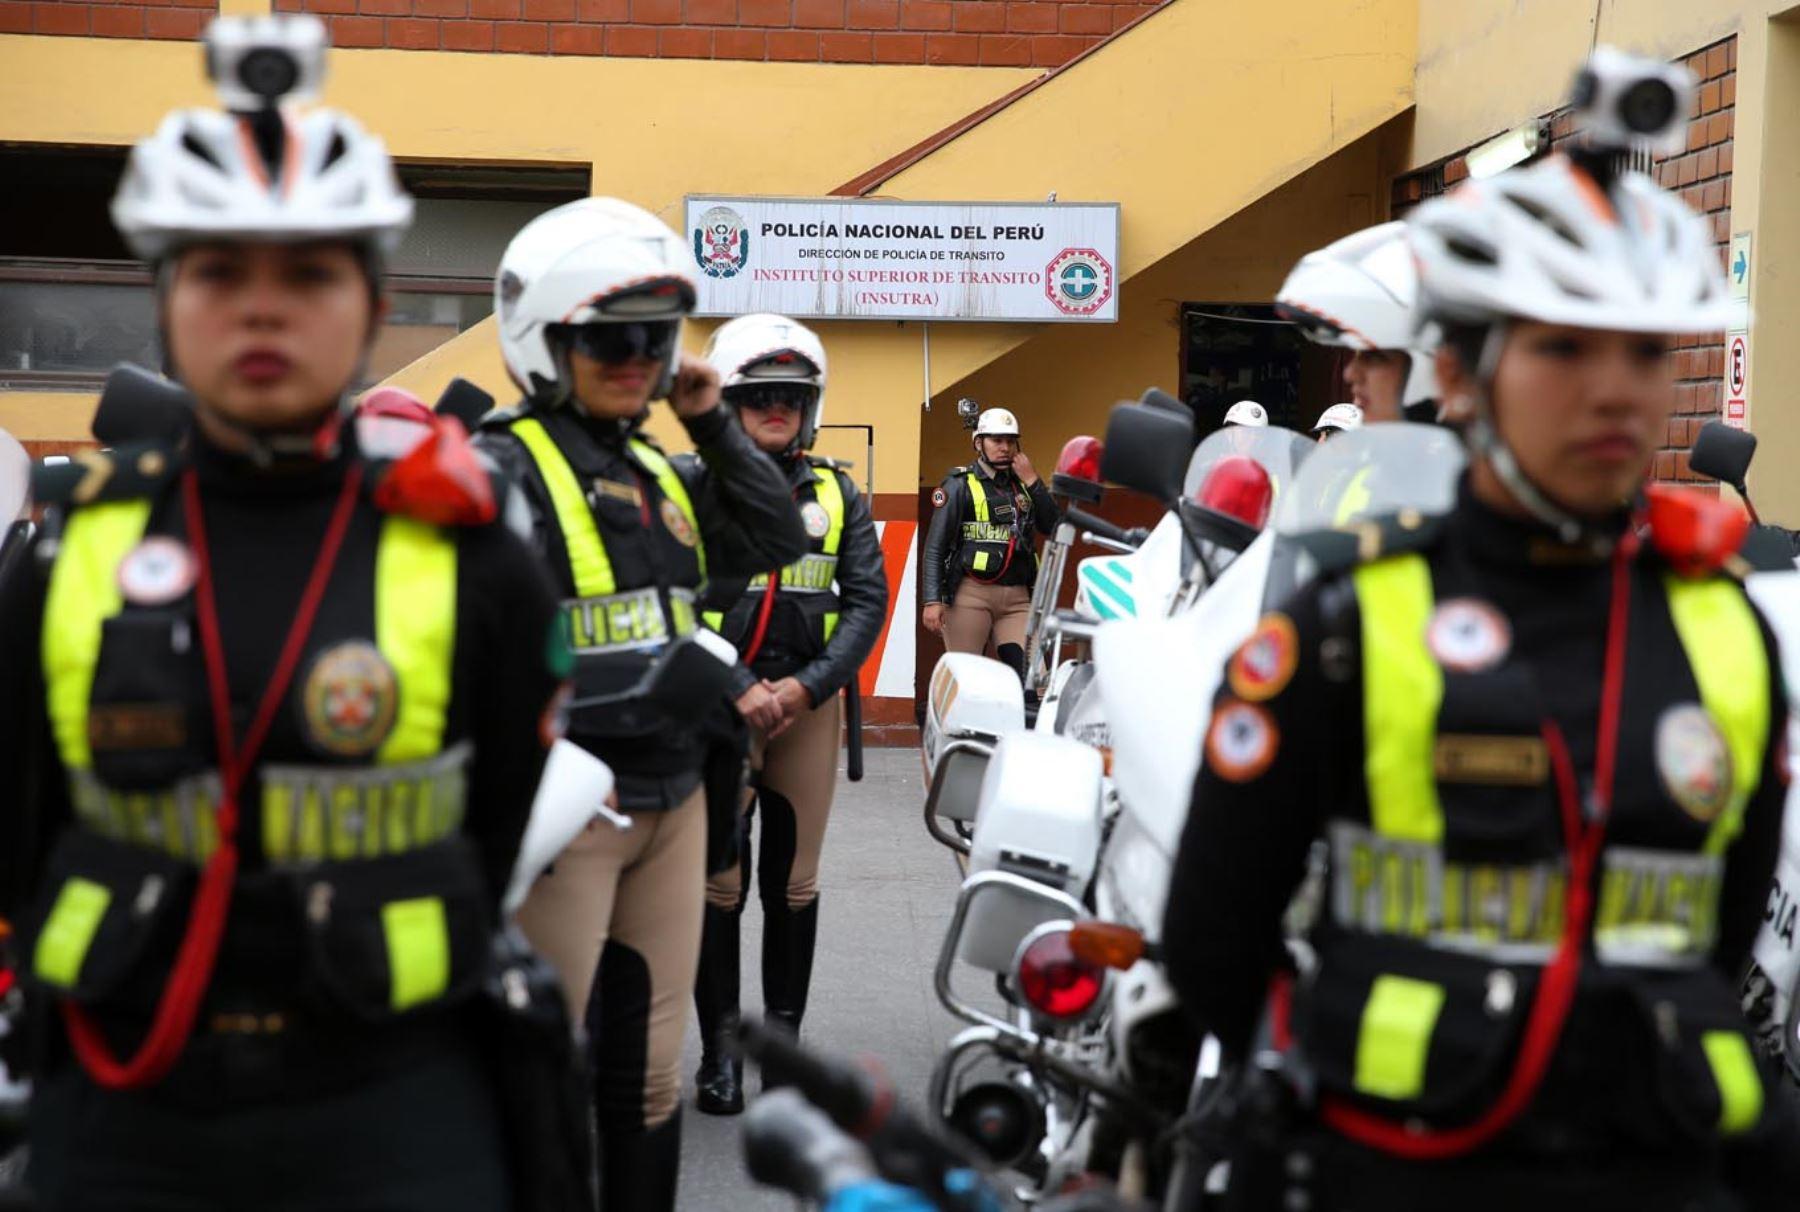 El reto de ser polic a de tr nsito en una compleja ciudad for Portal de servicios internos policia